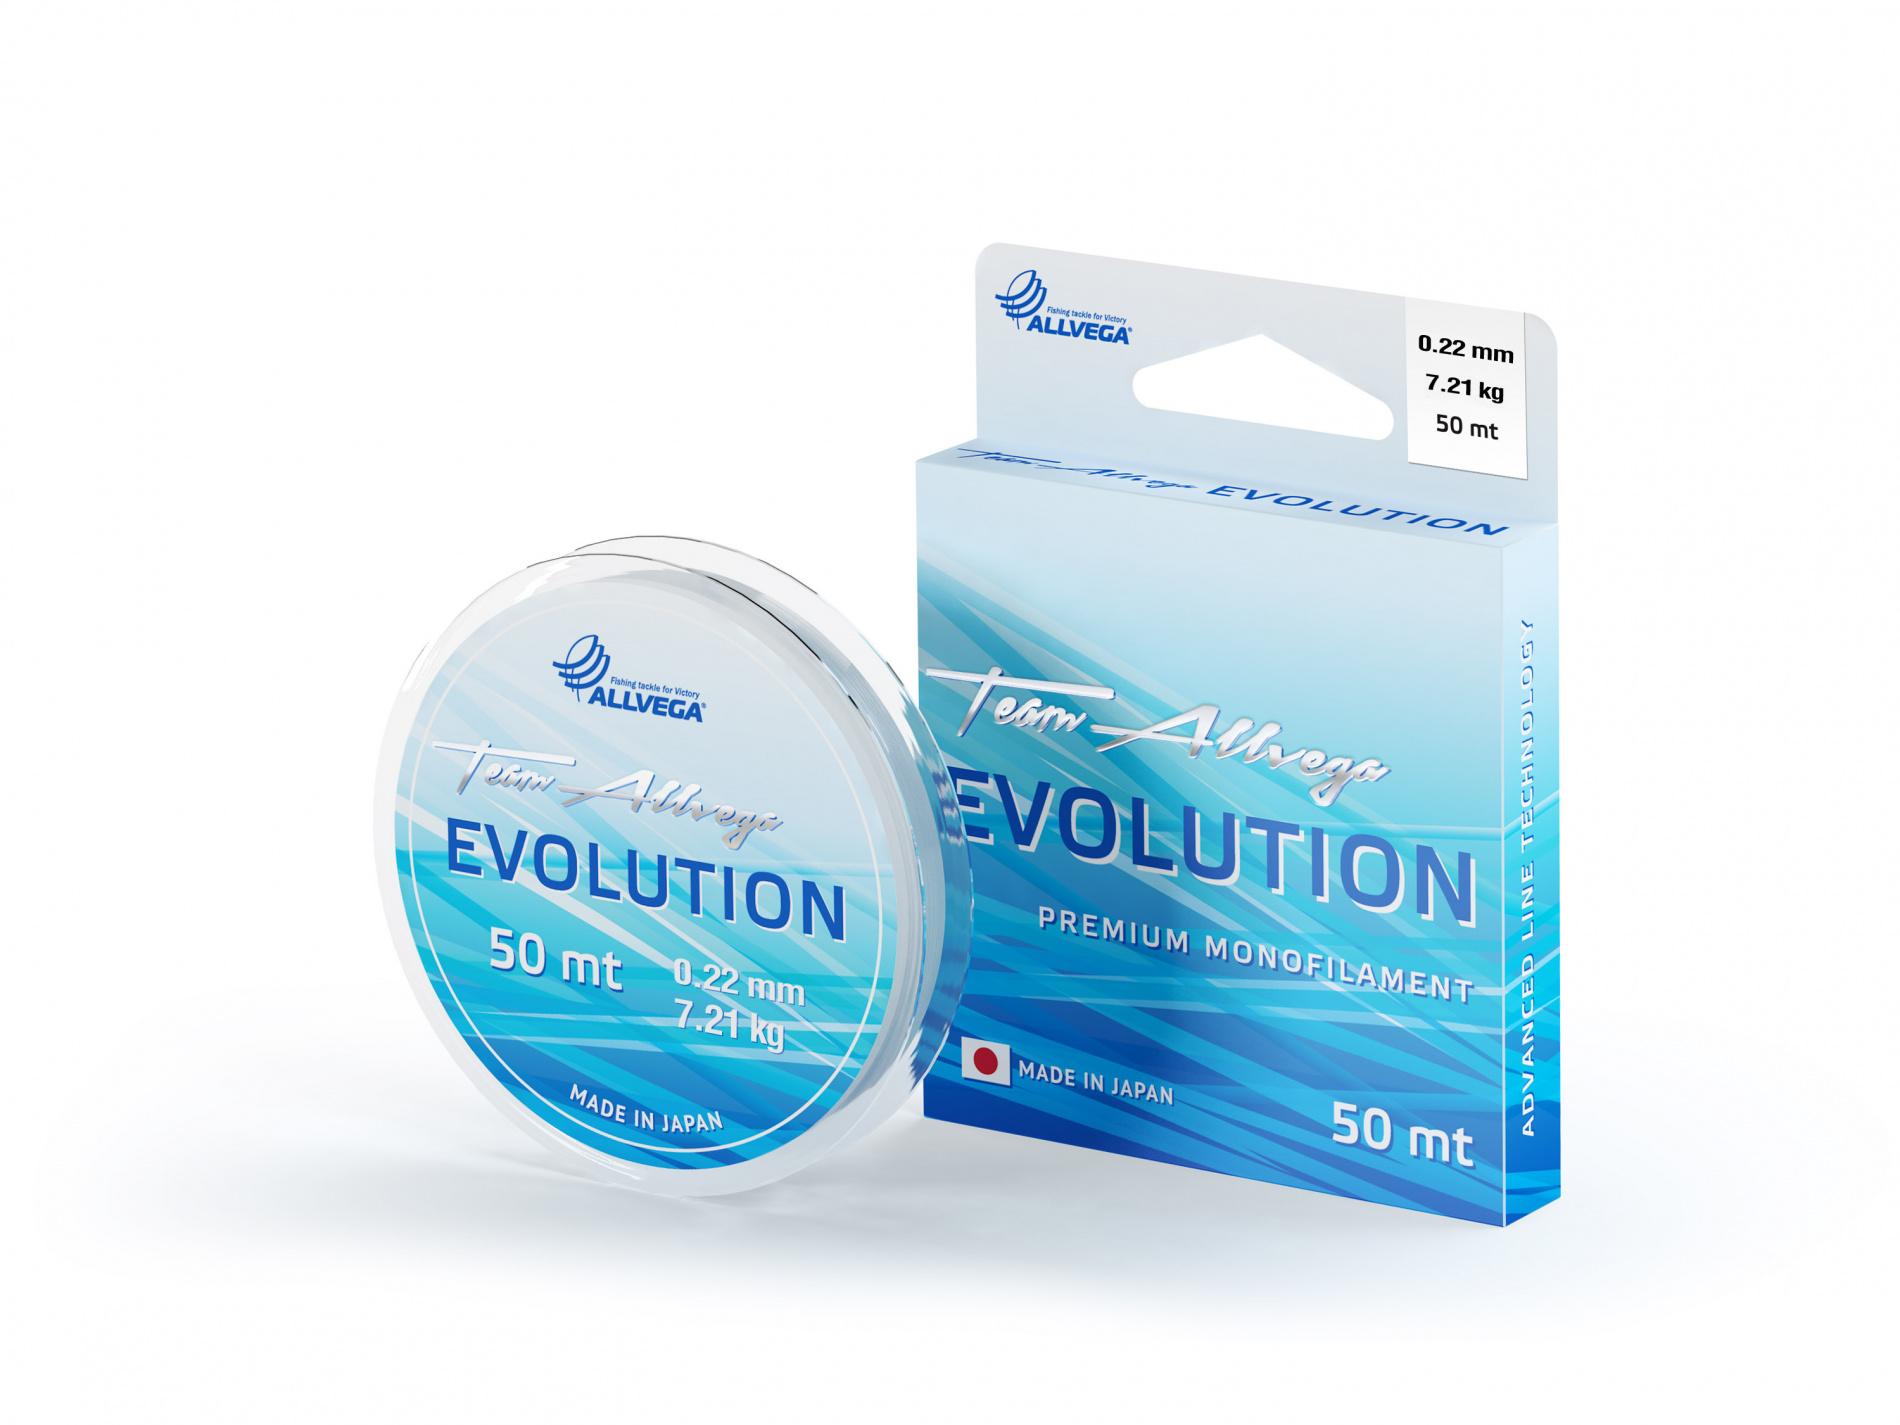 Леска ALLVEGA Evolution 0,22мм (50м) (7,21кг) (прозрачная)Леска монофильная<br>Леска EVOLUTION - это результат интеграции многолетнего <br>опыта европейских рыболовов-спортсменов <br>и современных японских технологий! Важнейшим <br>свойством лески является её однородность <br>и соответствие заявленному диаметру. Если <br>появляется неравномерность в калибровке <br>лески и искажается идеальная окружность <br>в сечении, это ведет к потере однородности <br>лески и ослабляет её. В этом смысле, на сегодняшний <br>день леска EVOLUTION имеет наиболее однородную <br>структуру. Из множества вариантов мы выбираем <br>новейшее и наиболее подходящее сырьё, чтобы <br>добиться исключительных характеристик <br>лески, выдержать оптимальный баланс между <br>прочностью и растяжимостью, и создать идеальный <br>продукт для любых условий ловли. Цвет прозрачный. <br>Сделана, размотана и упакована в Японии.<br><br>Сезон: лето